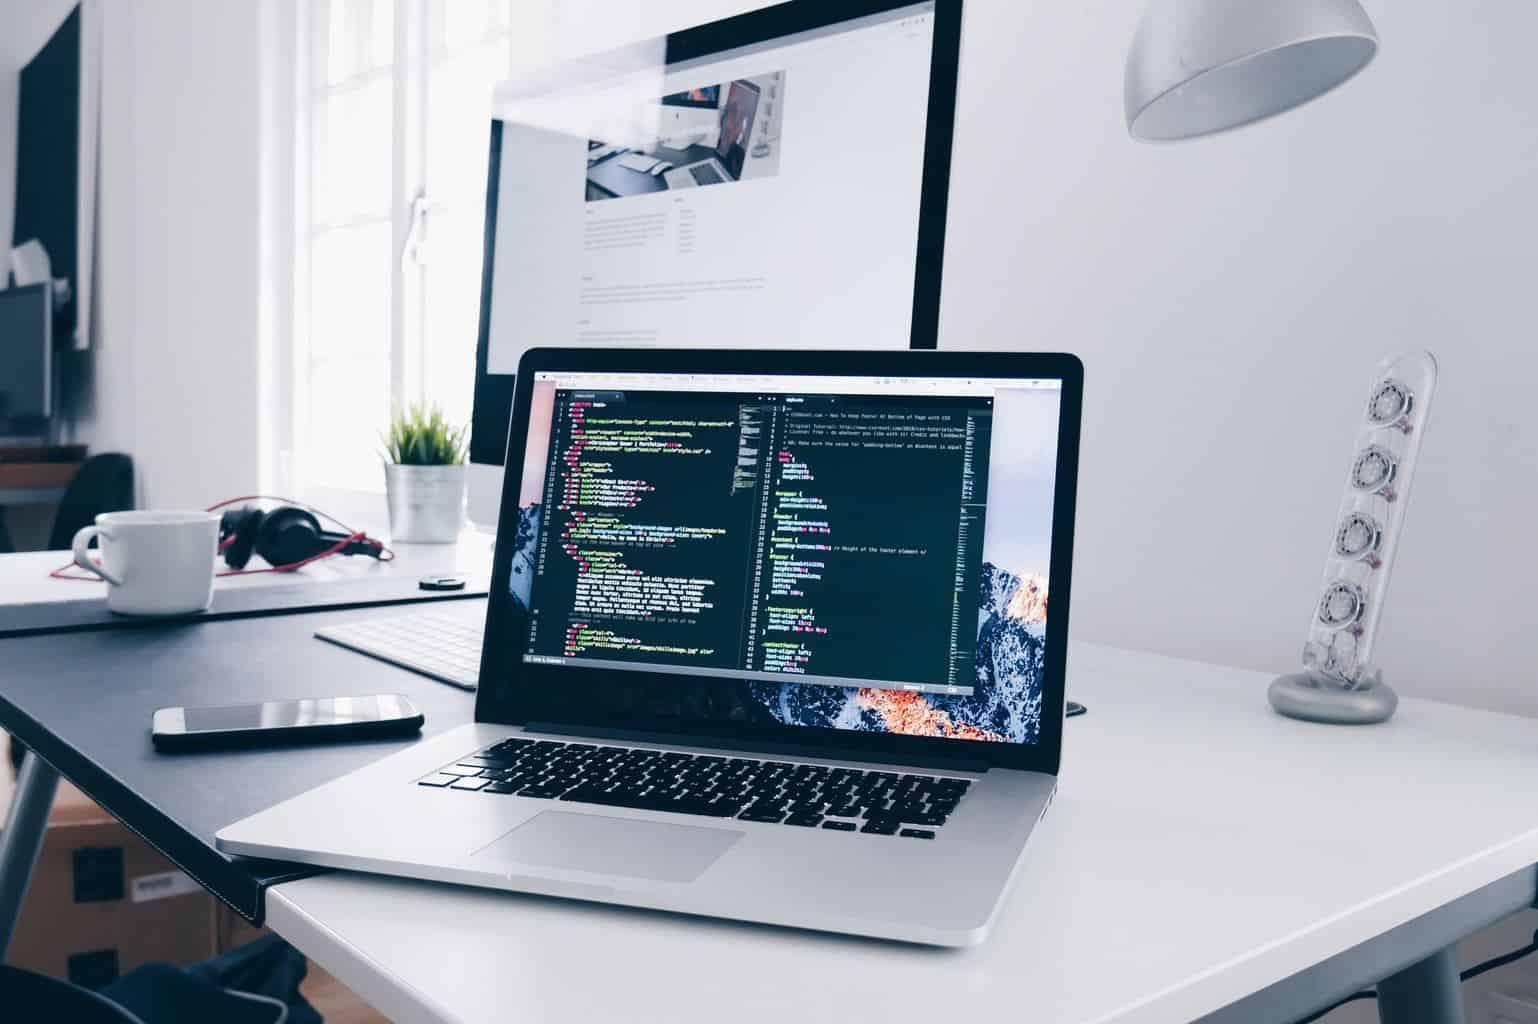 Web Design LLCs: How to Get Web Design Clients